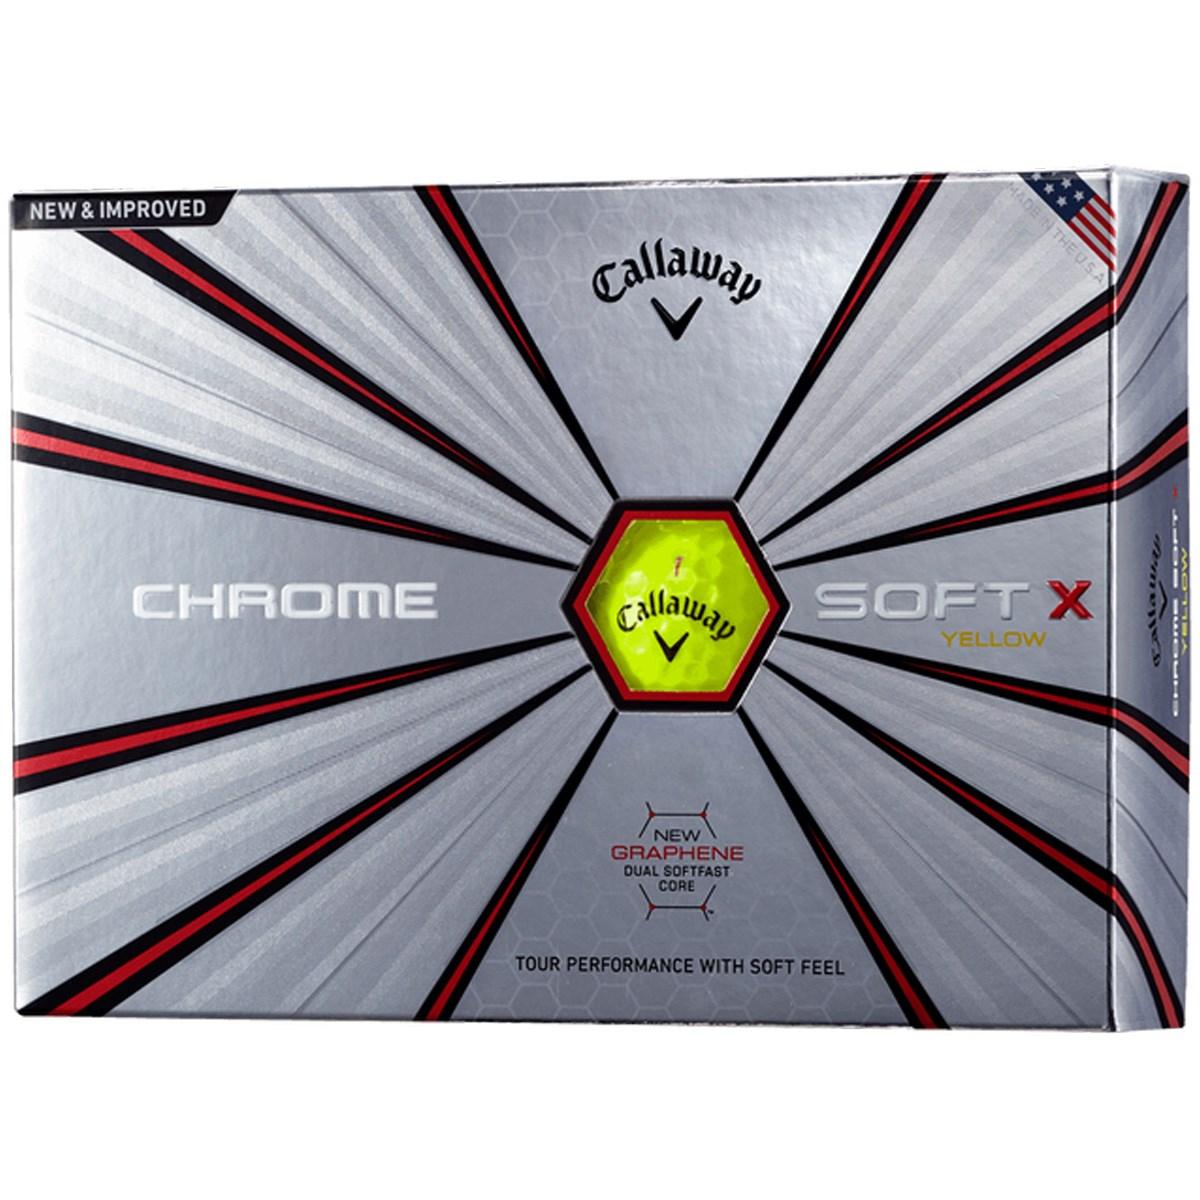 キャロウェイゴルフ CHROM SOFT CHROME SOFT X ボール 1ダース(12個入り) イエロー